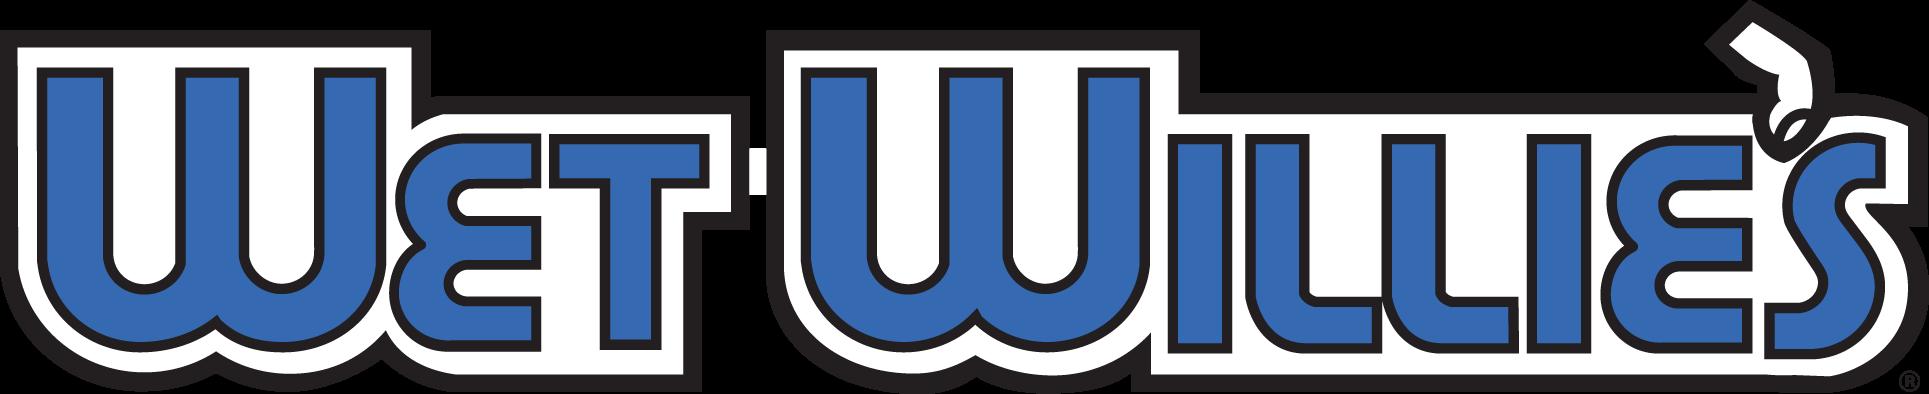 WetWillies_ResortsAC_1